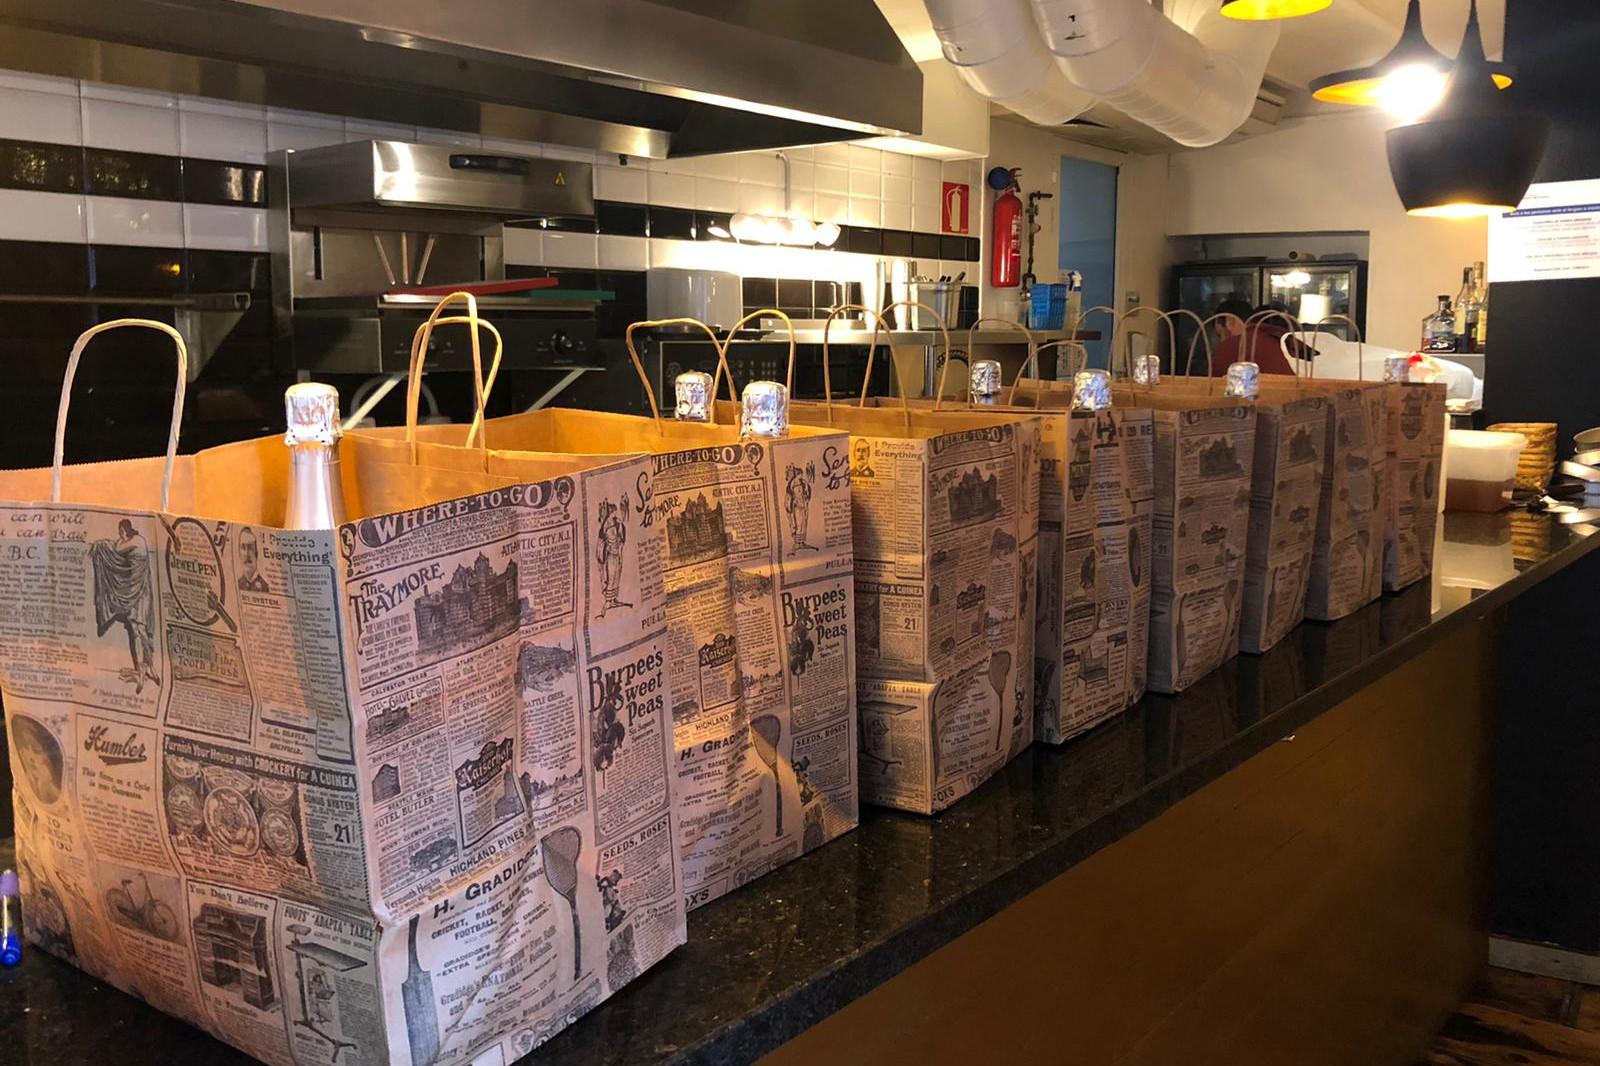 Les bosses amb el menjar que ha donat el restaurant Diferent de Begur a famílies vulnerables | ACN